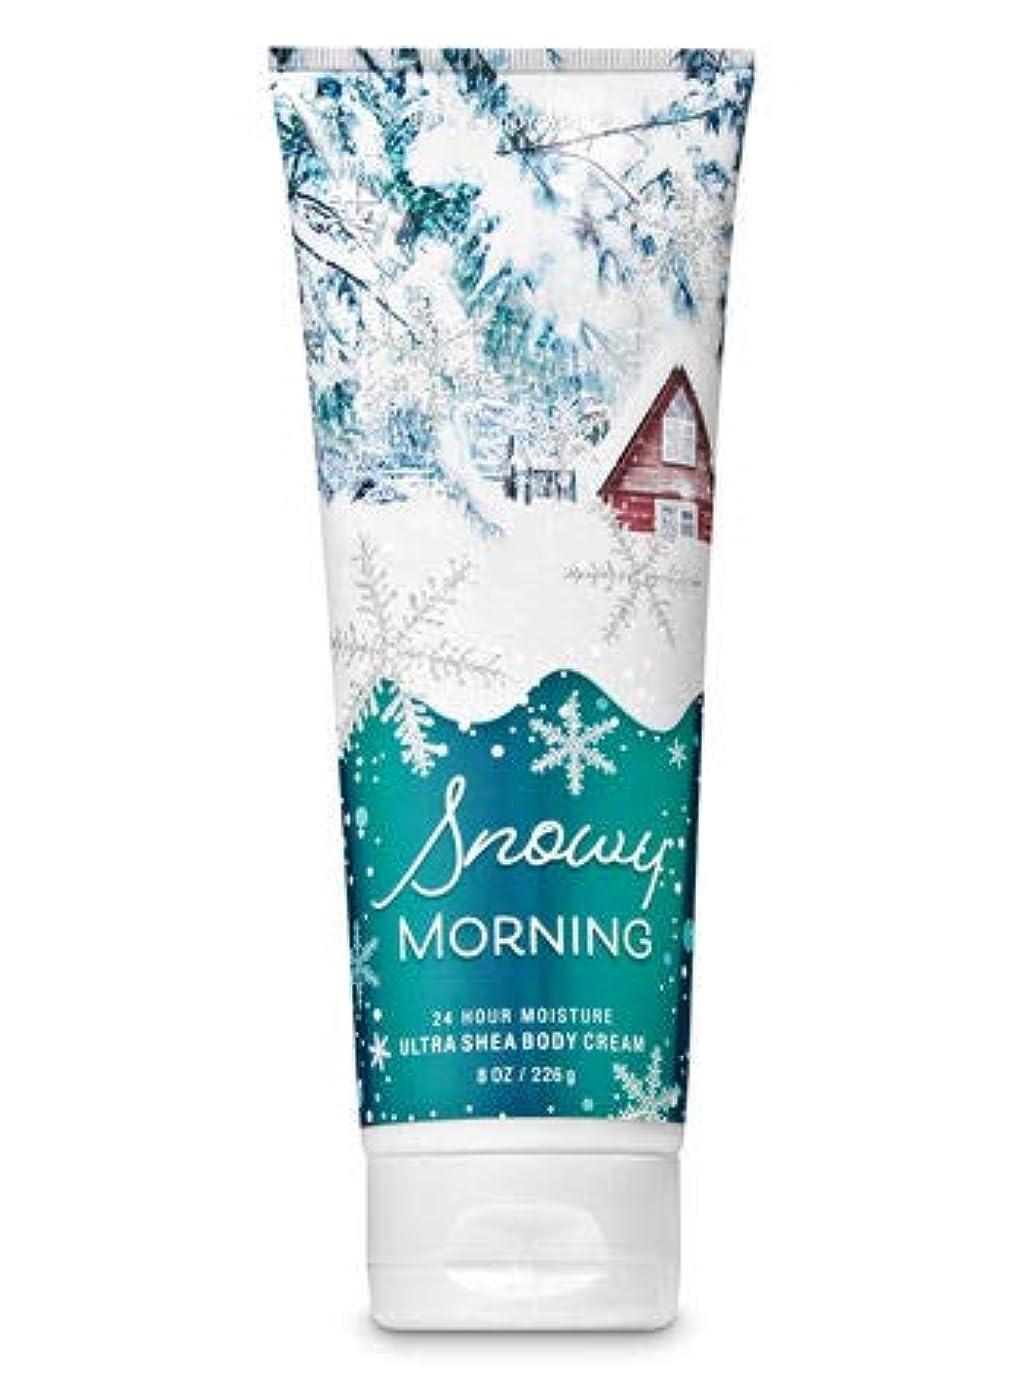 許される適度にディスパッチ【Bath&Body Works/バス&ボディワークス】 ボディクリーム スノーウィーモーニング Ultra Shea Body Cream Snowy Morning 8 oz / 226 g [並行輸入品]